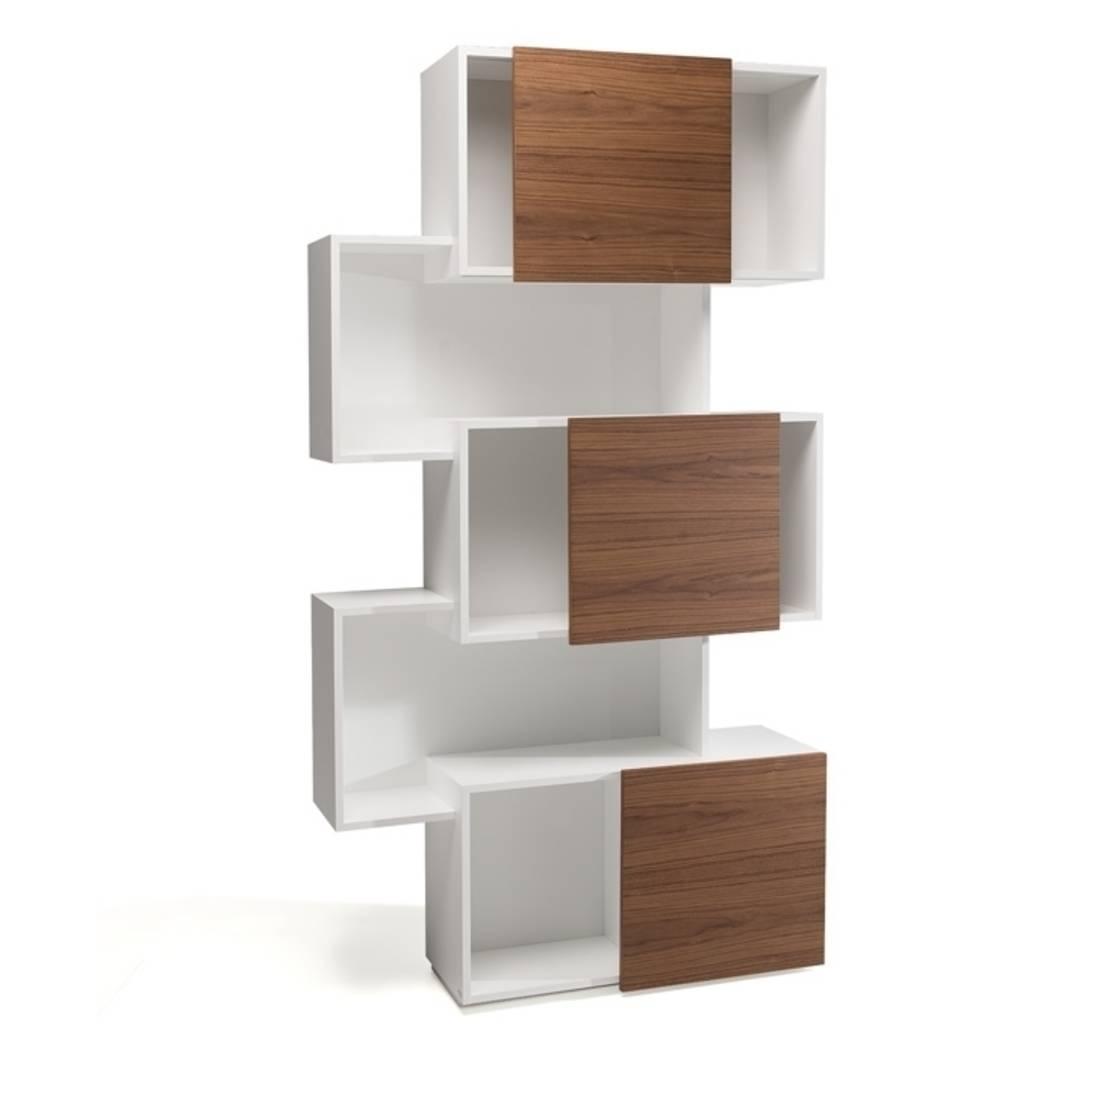 Invito muebles minimalistas muebles a la medida muebles sobre dise o muebles de madera - Libreros de madera modernos ...